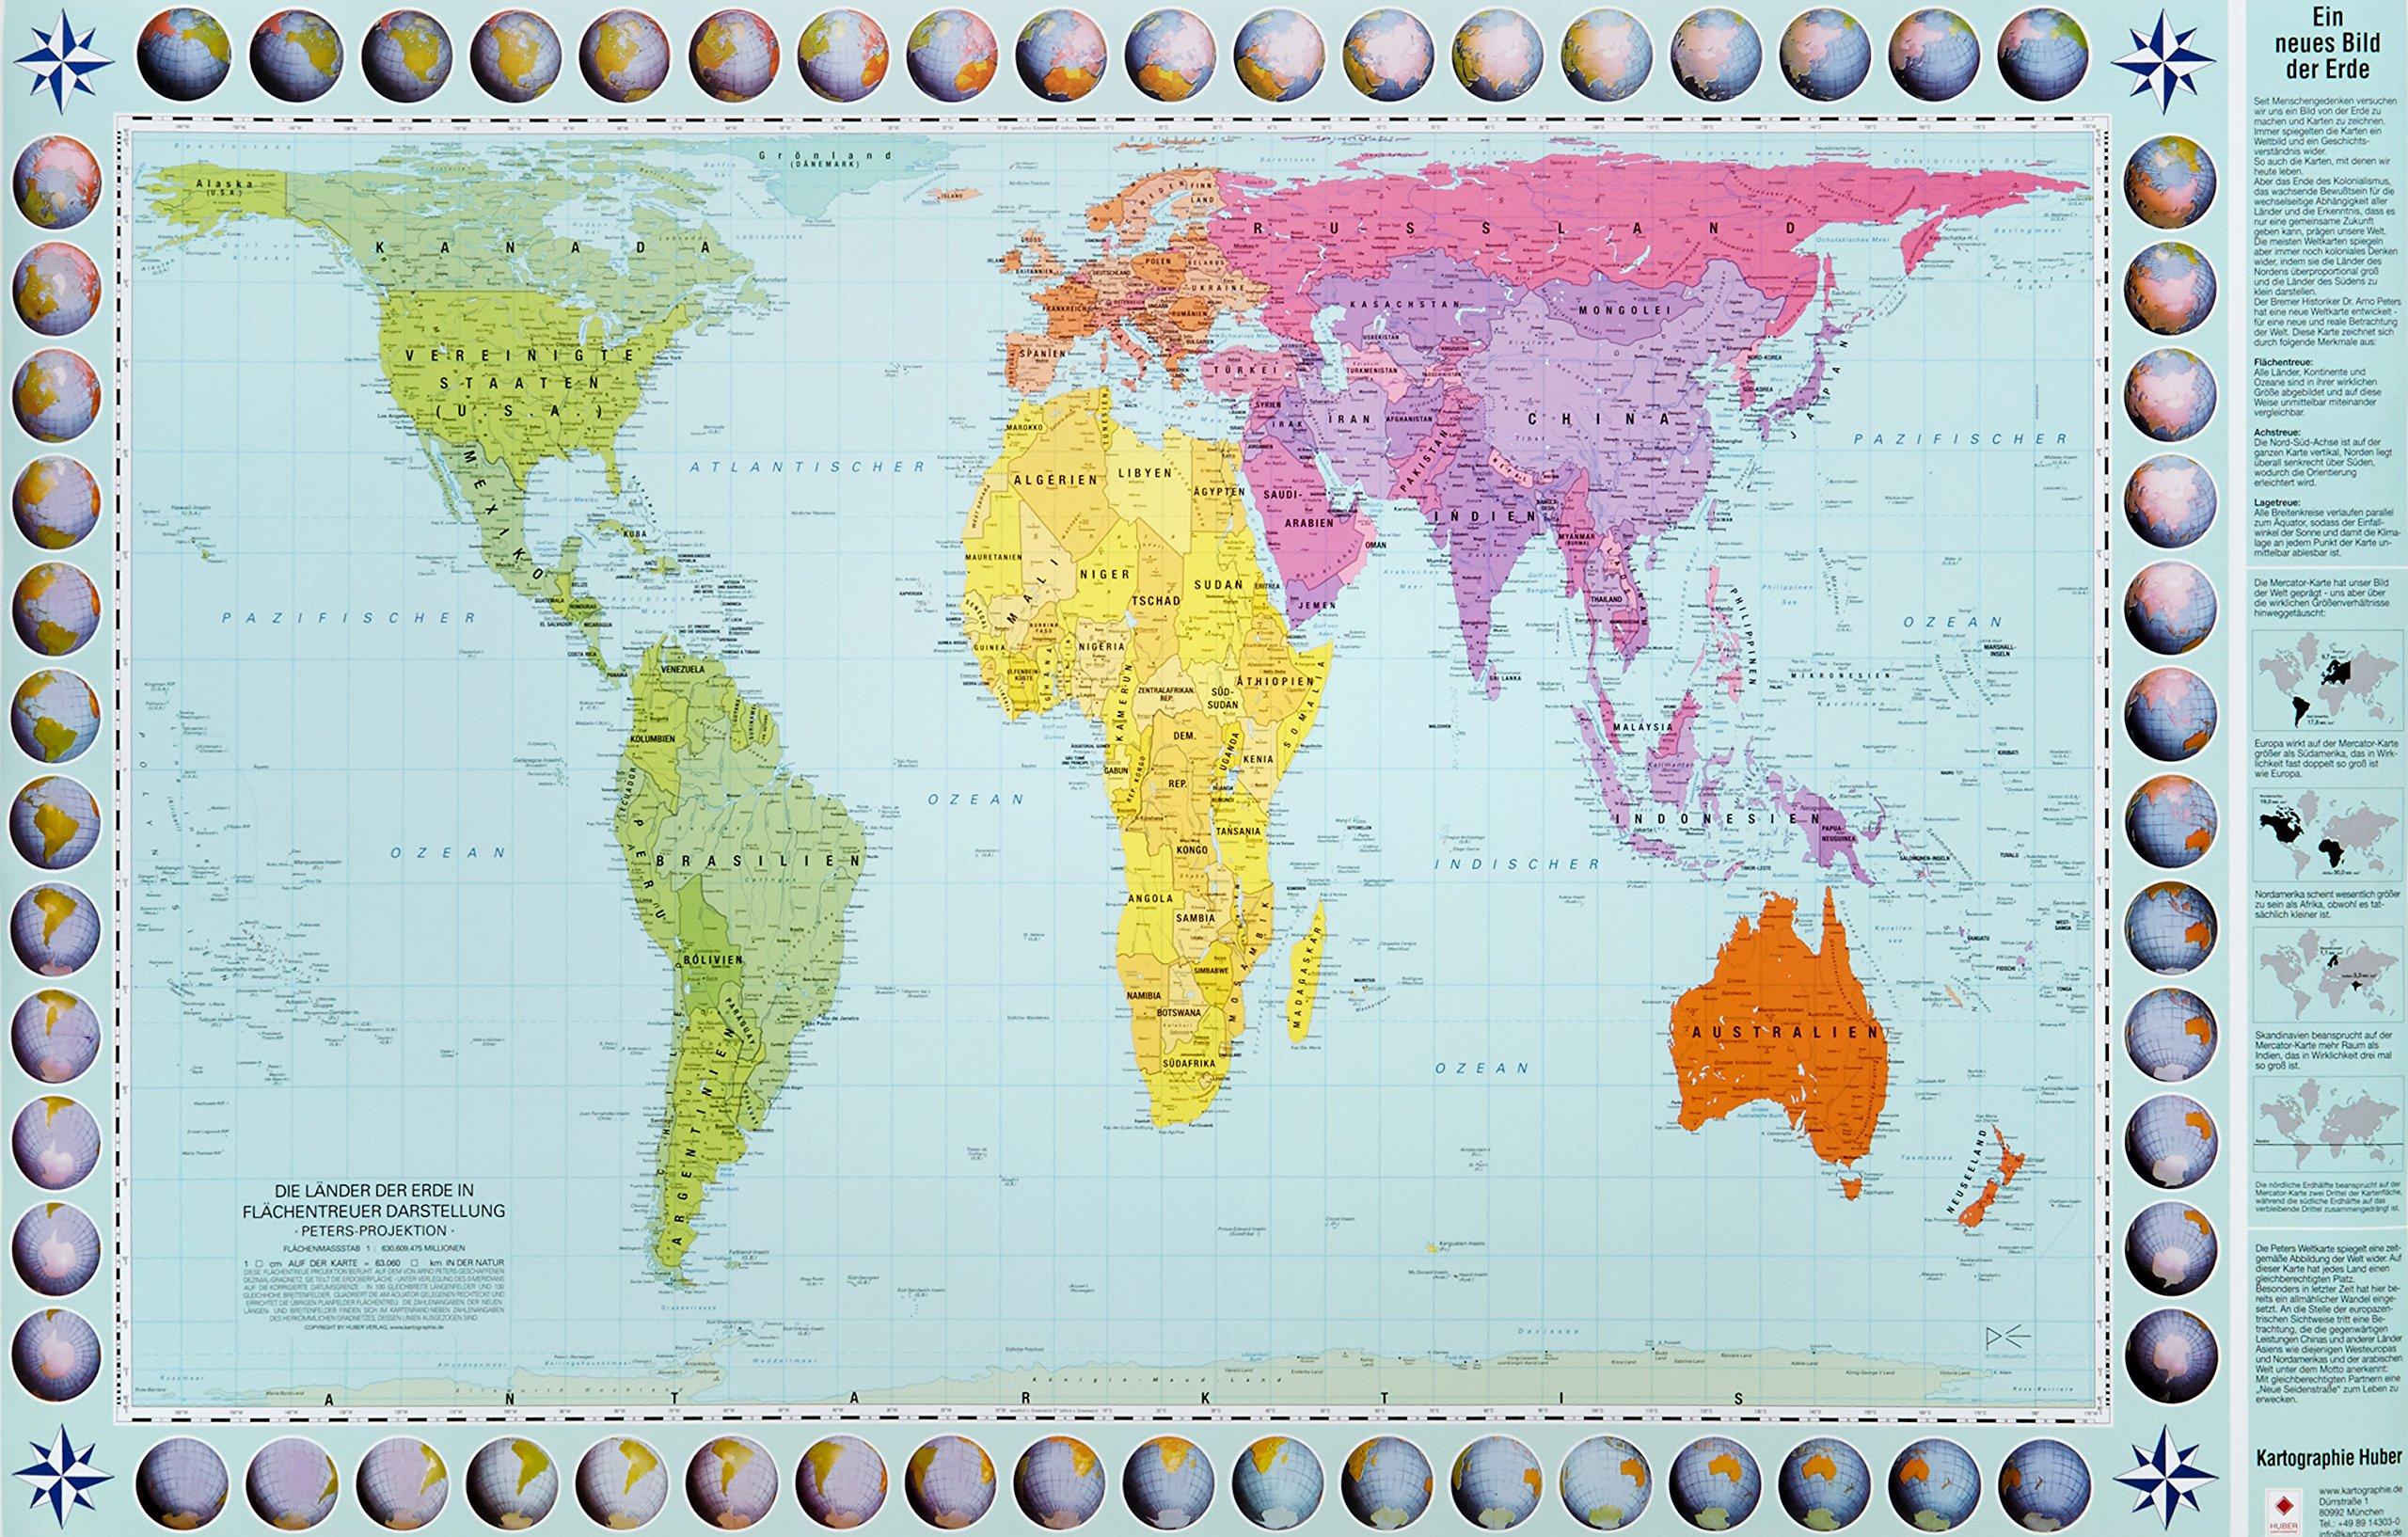 Peters Orthogonale Weltkarte Posterkarte Die Lander Der Erde In